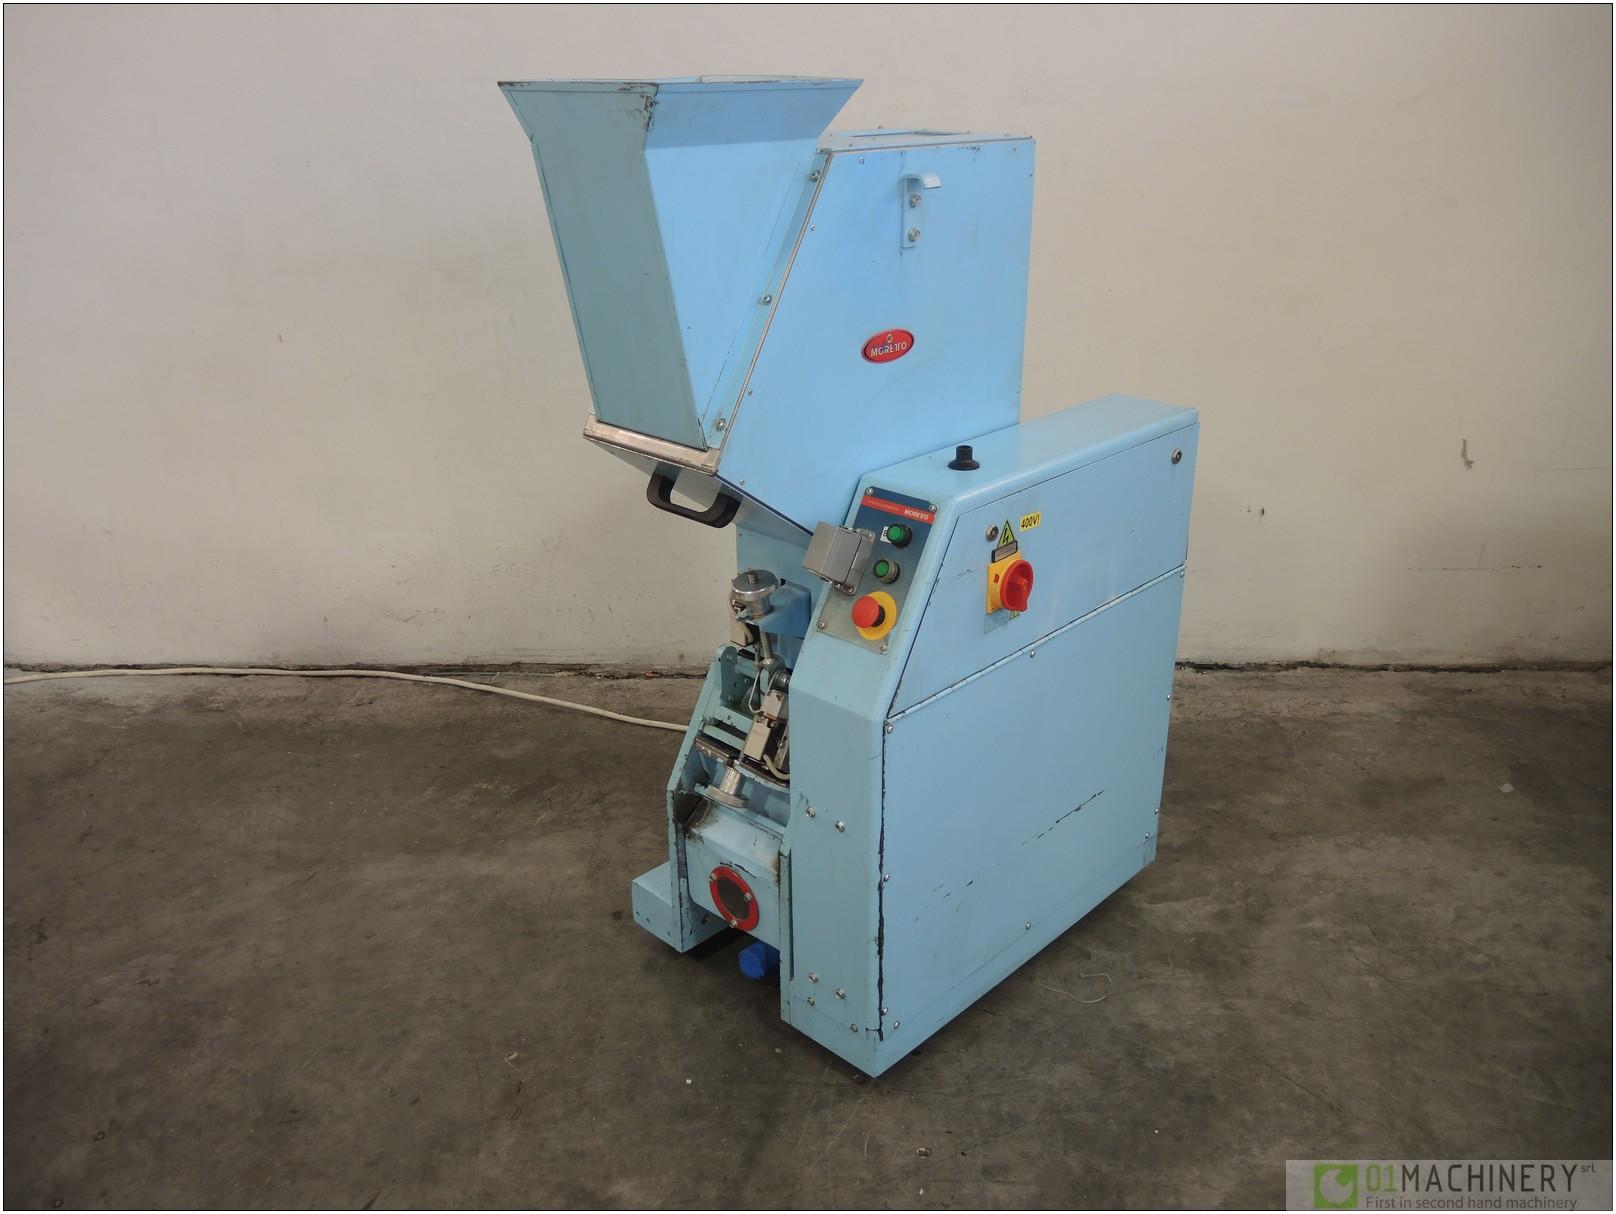 GRANULATORE MORETTO GR 20-20 S Ac 8255 in vendita - foto 1